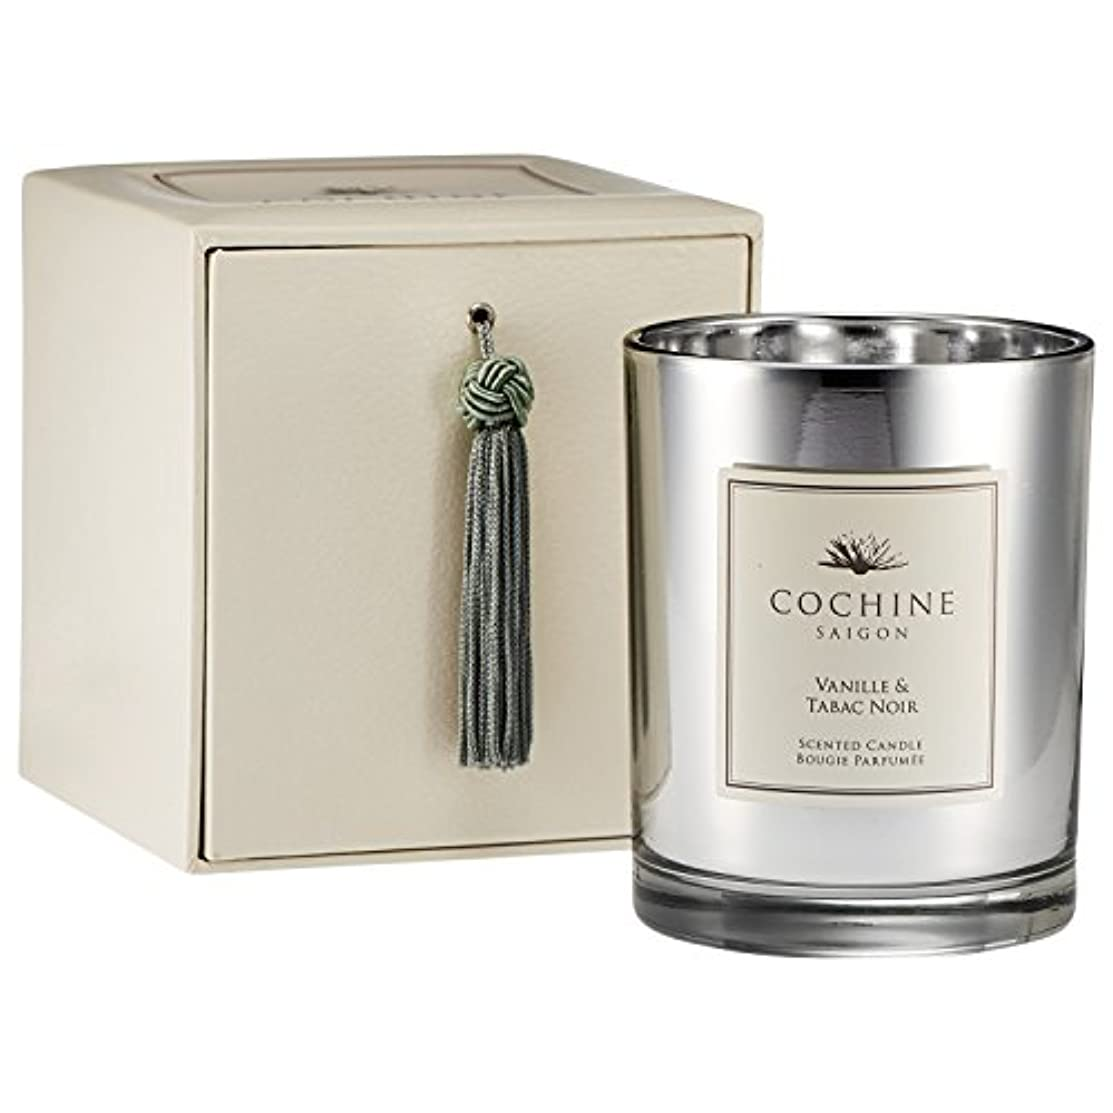 リフト気を散らす観点Cochine Vanille & Tabac Noir Scented Candle (Pack of 2) - Cochineヴァニラ&Tabacノワールの香りのキャンドル (Cochine) (x2) [並行輸入品]